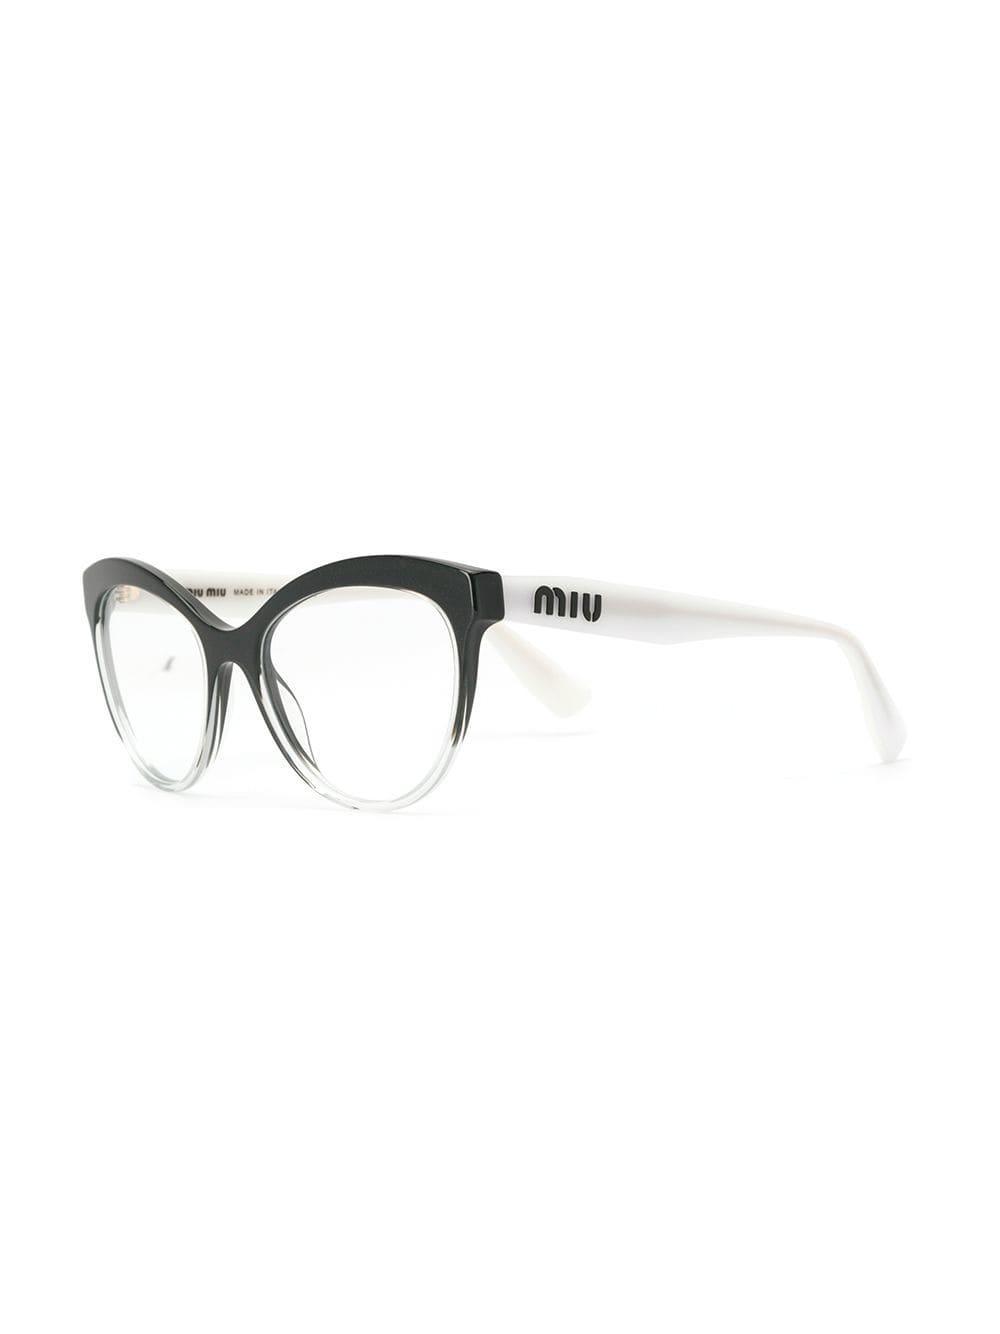 17e4d407ae90 Miu Miu Cat-eye Shaped Glasses in Black - Lyst